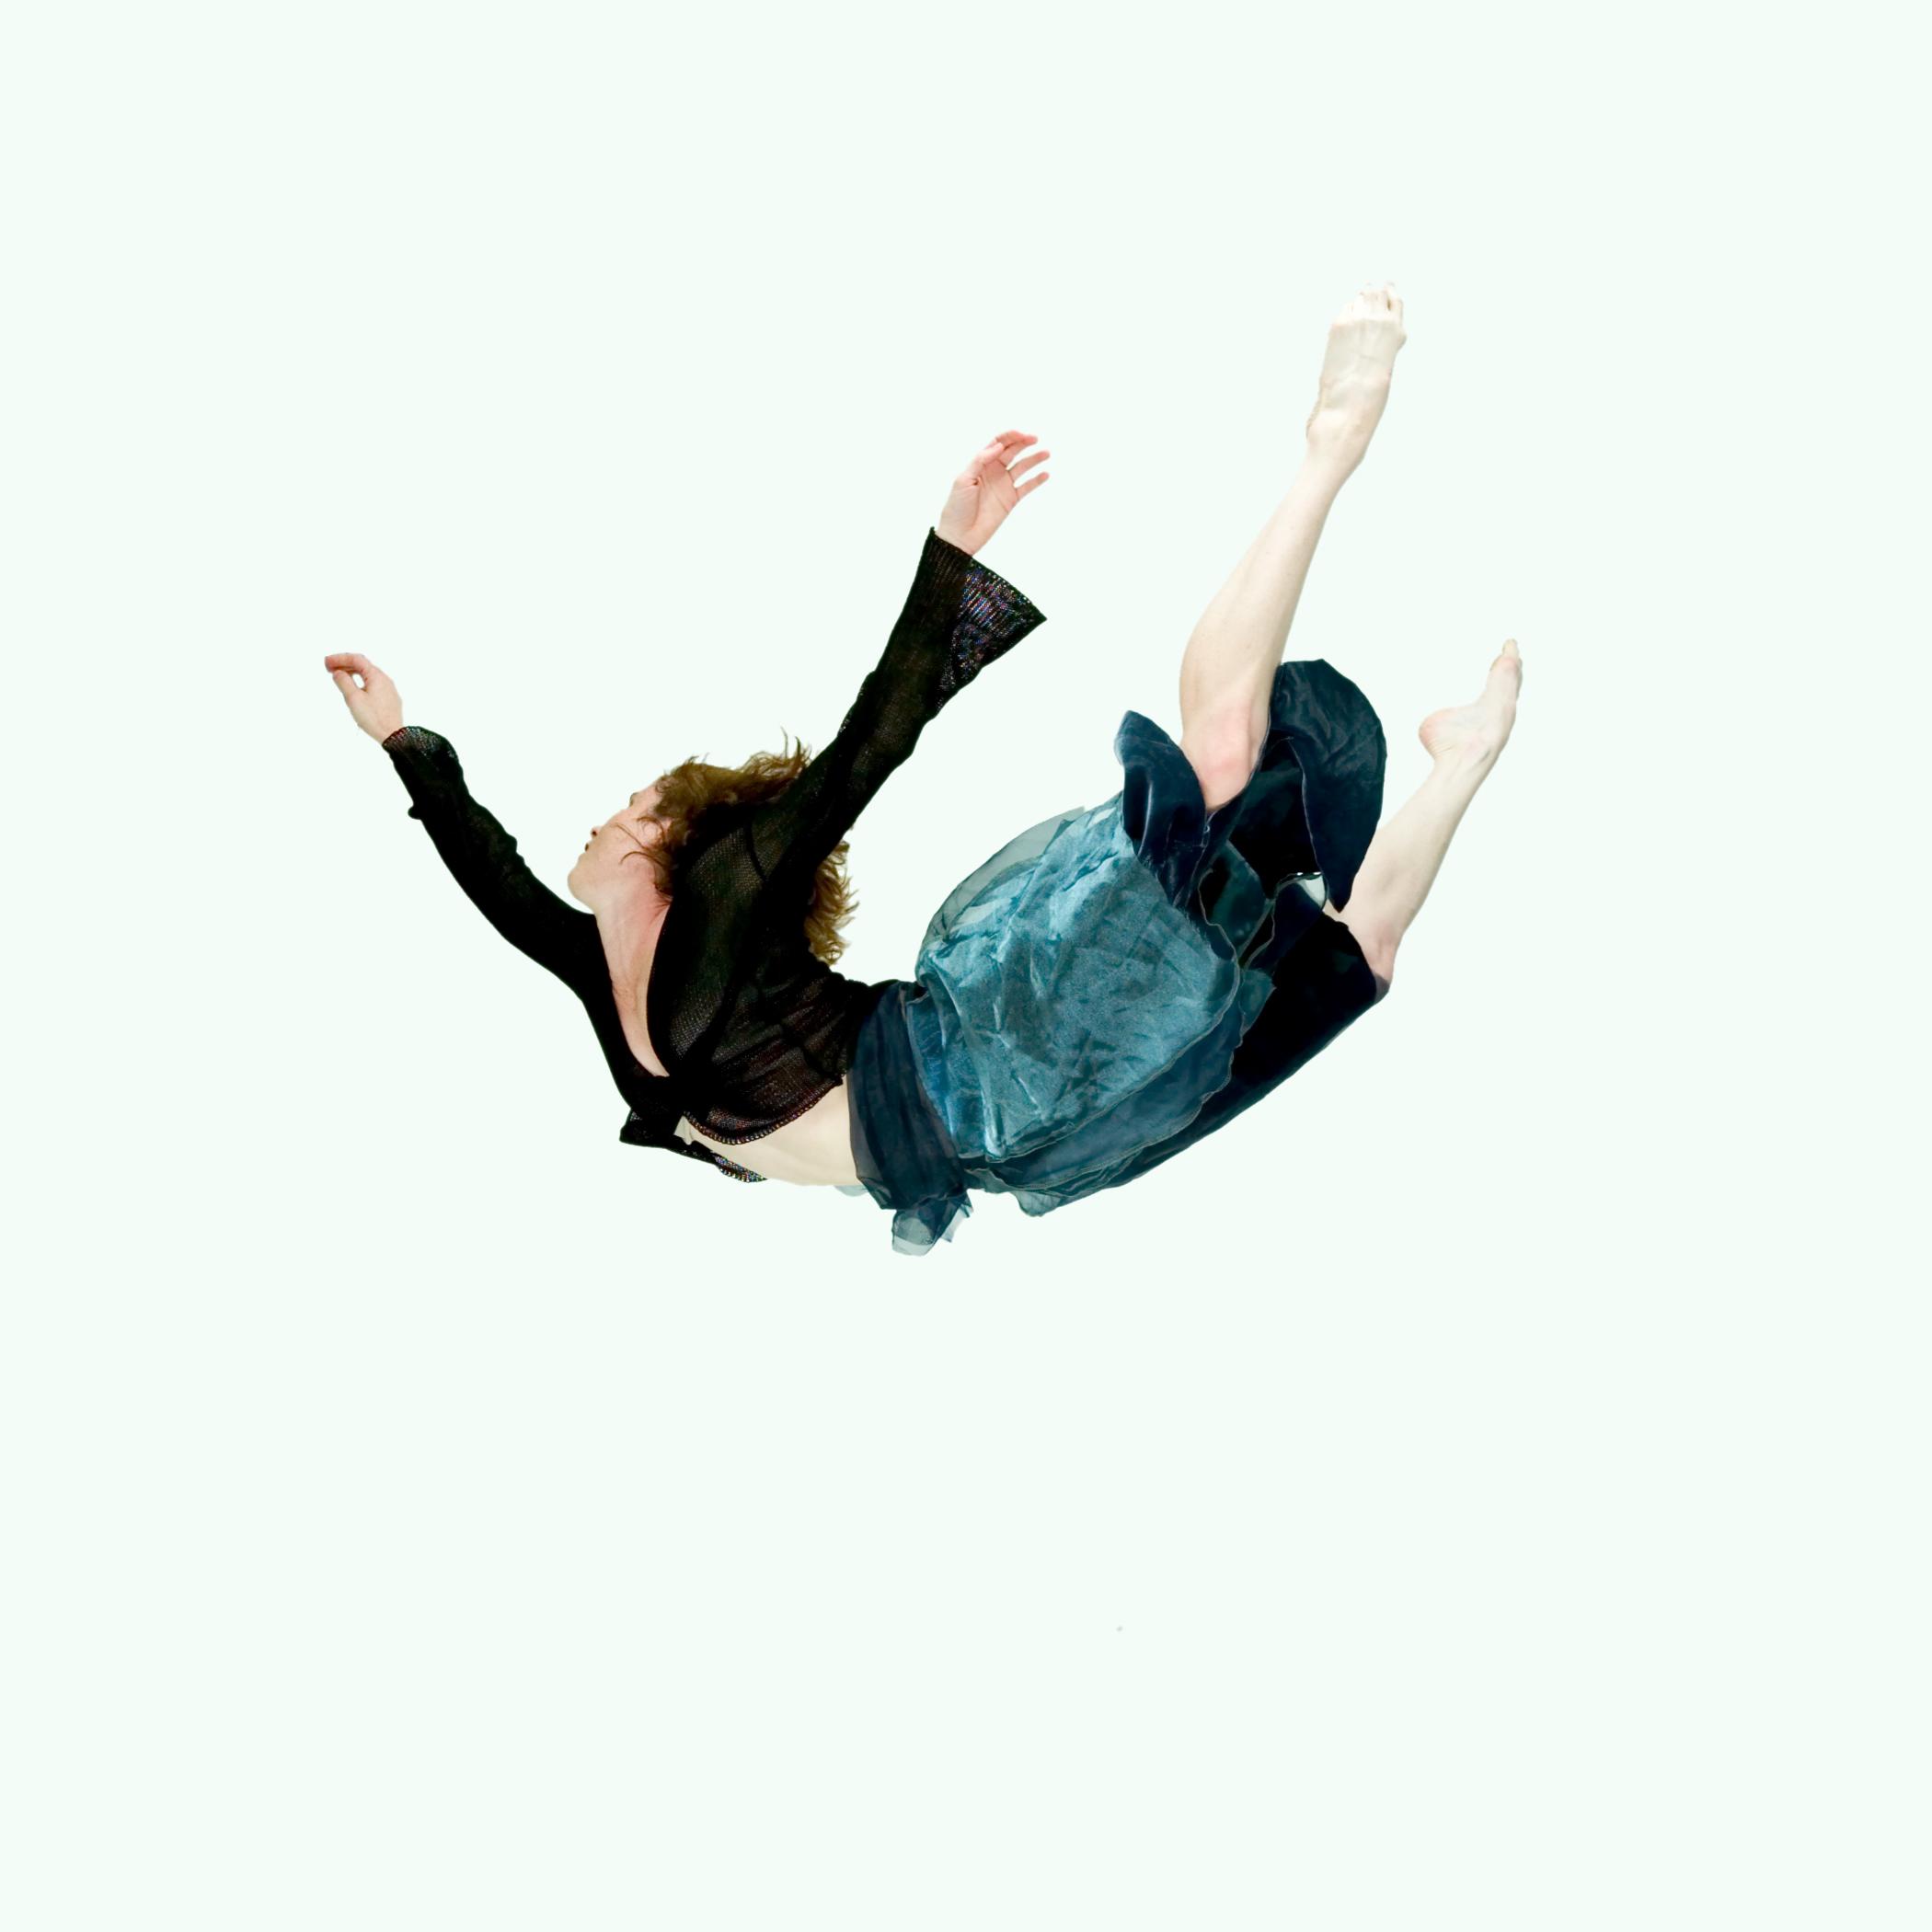 julia arch fall.jpg